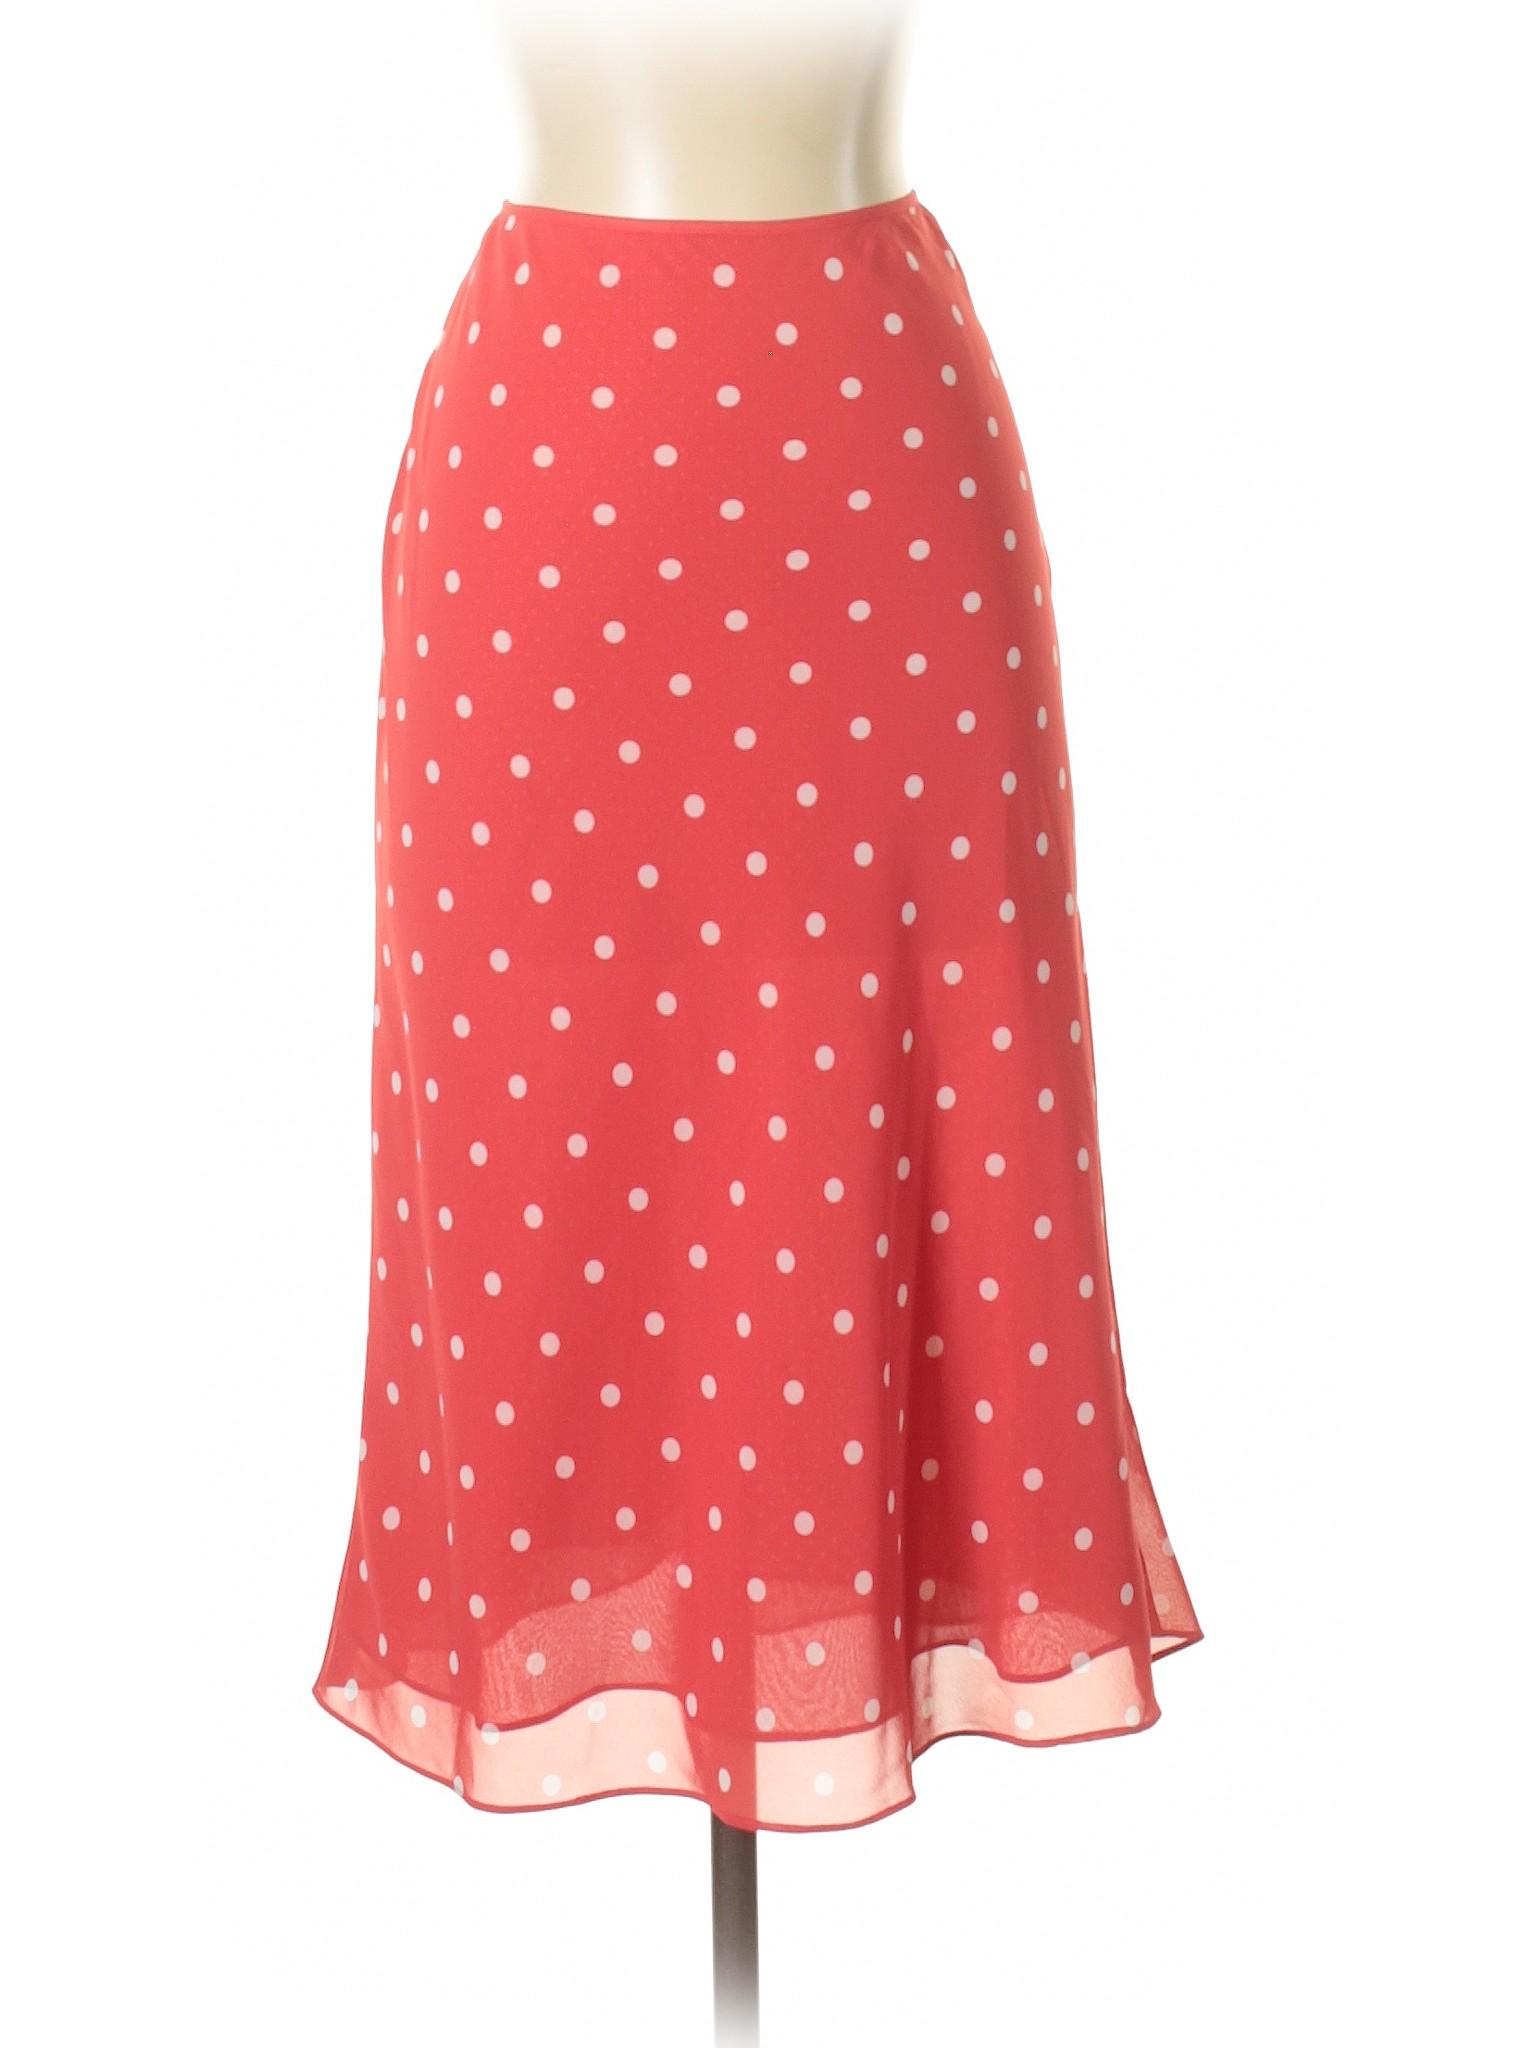 Skirt Casual Boutique Skirt Casual Casual Skirt Casual Boutique Boutique Boutique Skirt Casual Boutique Skirt 6dPwv5Px